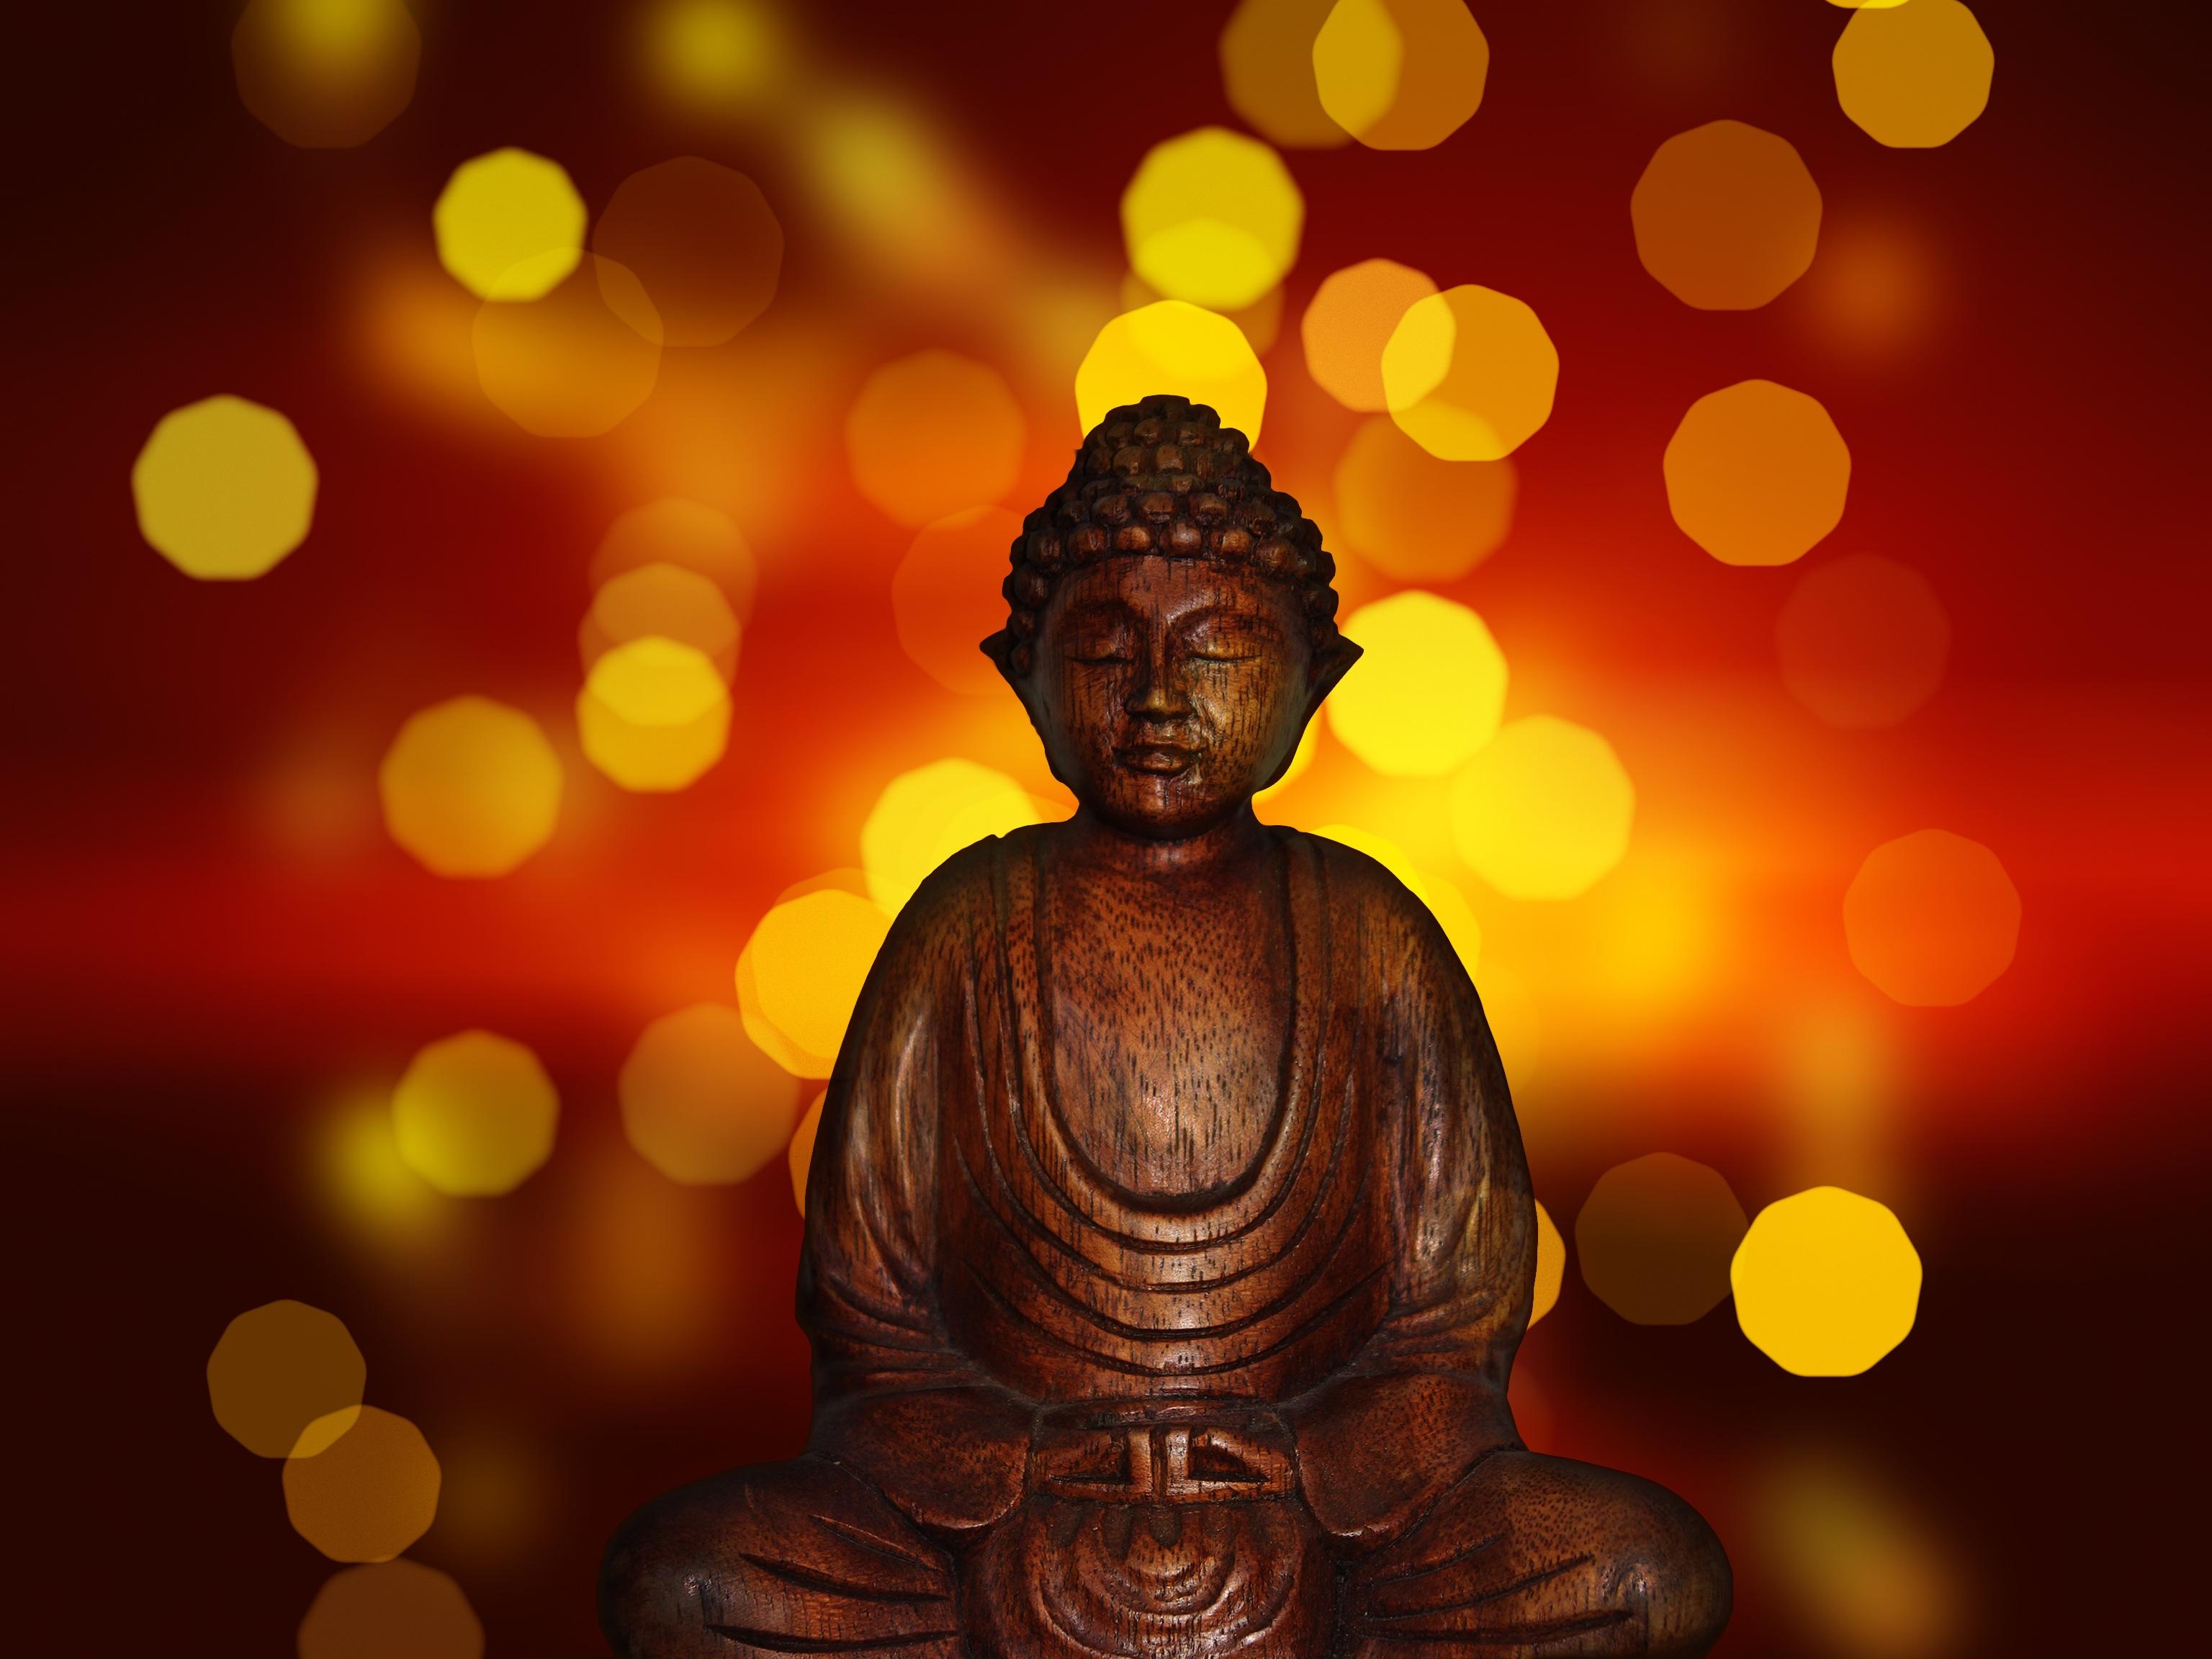 146251 скачать обои Разное, Будда, Медитация, Буддизм, Статуэтка, Блики - заставки и картинки бесплатно